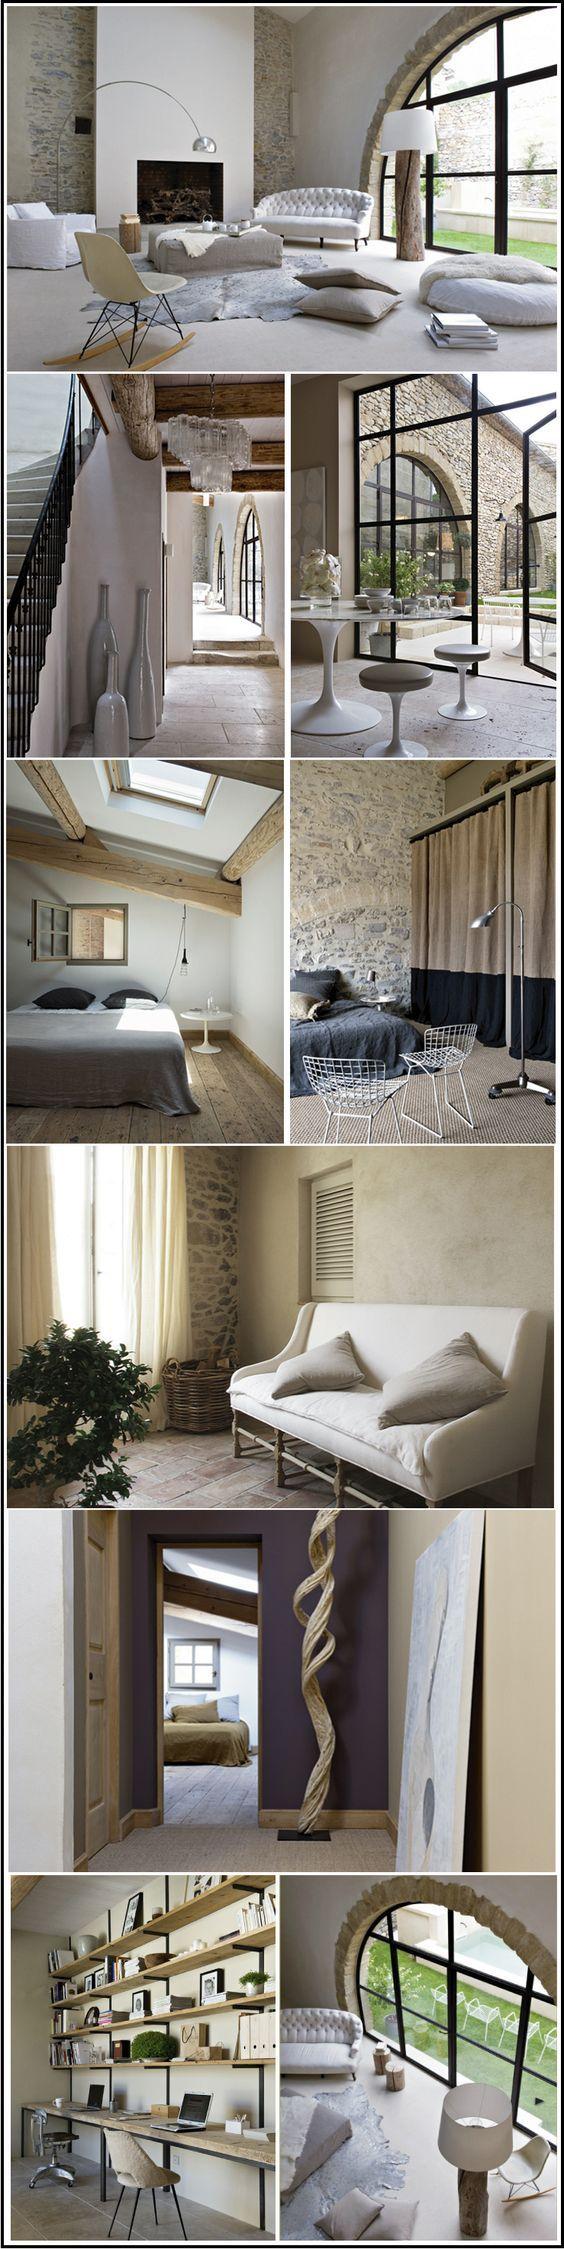 marie laure helmkampf renovation un r ve de maison pinterest. Black Bedroom Furniture Sets. Home Design Ideas